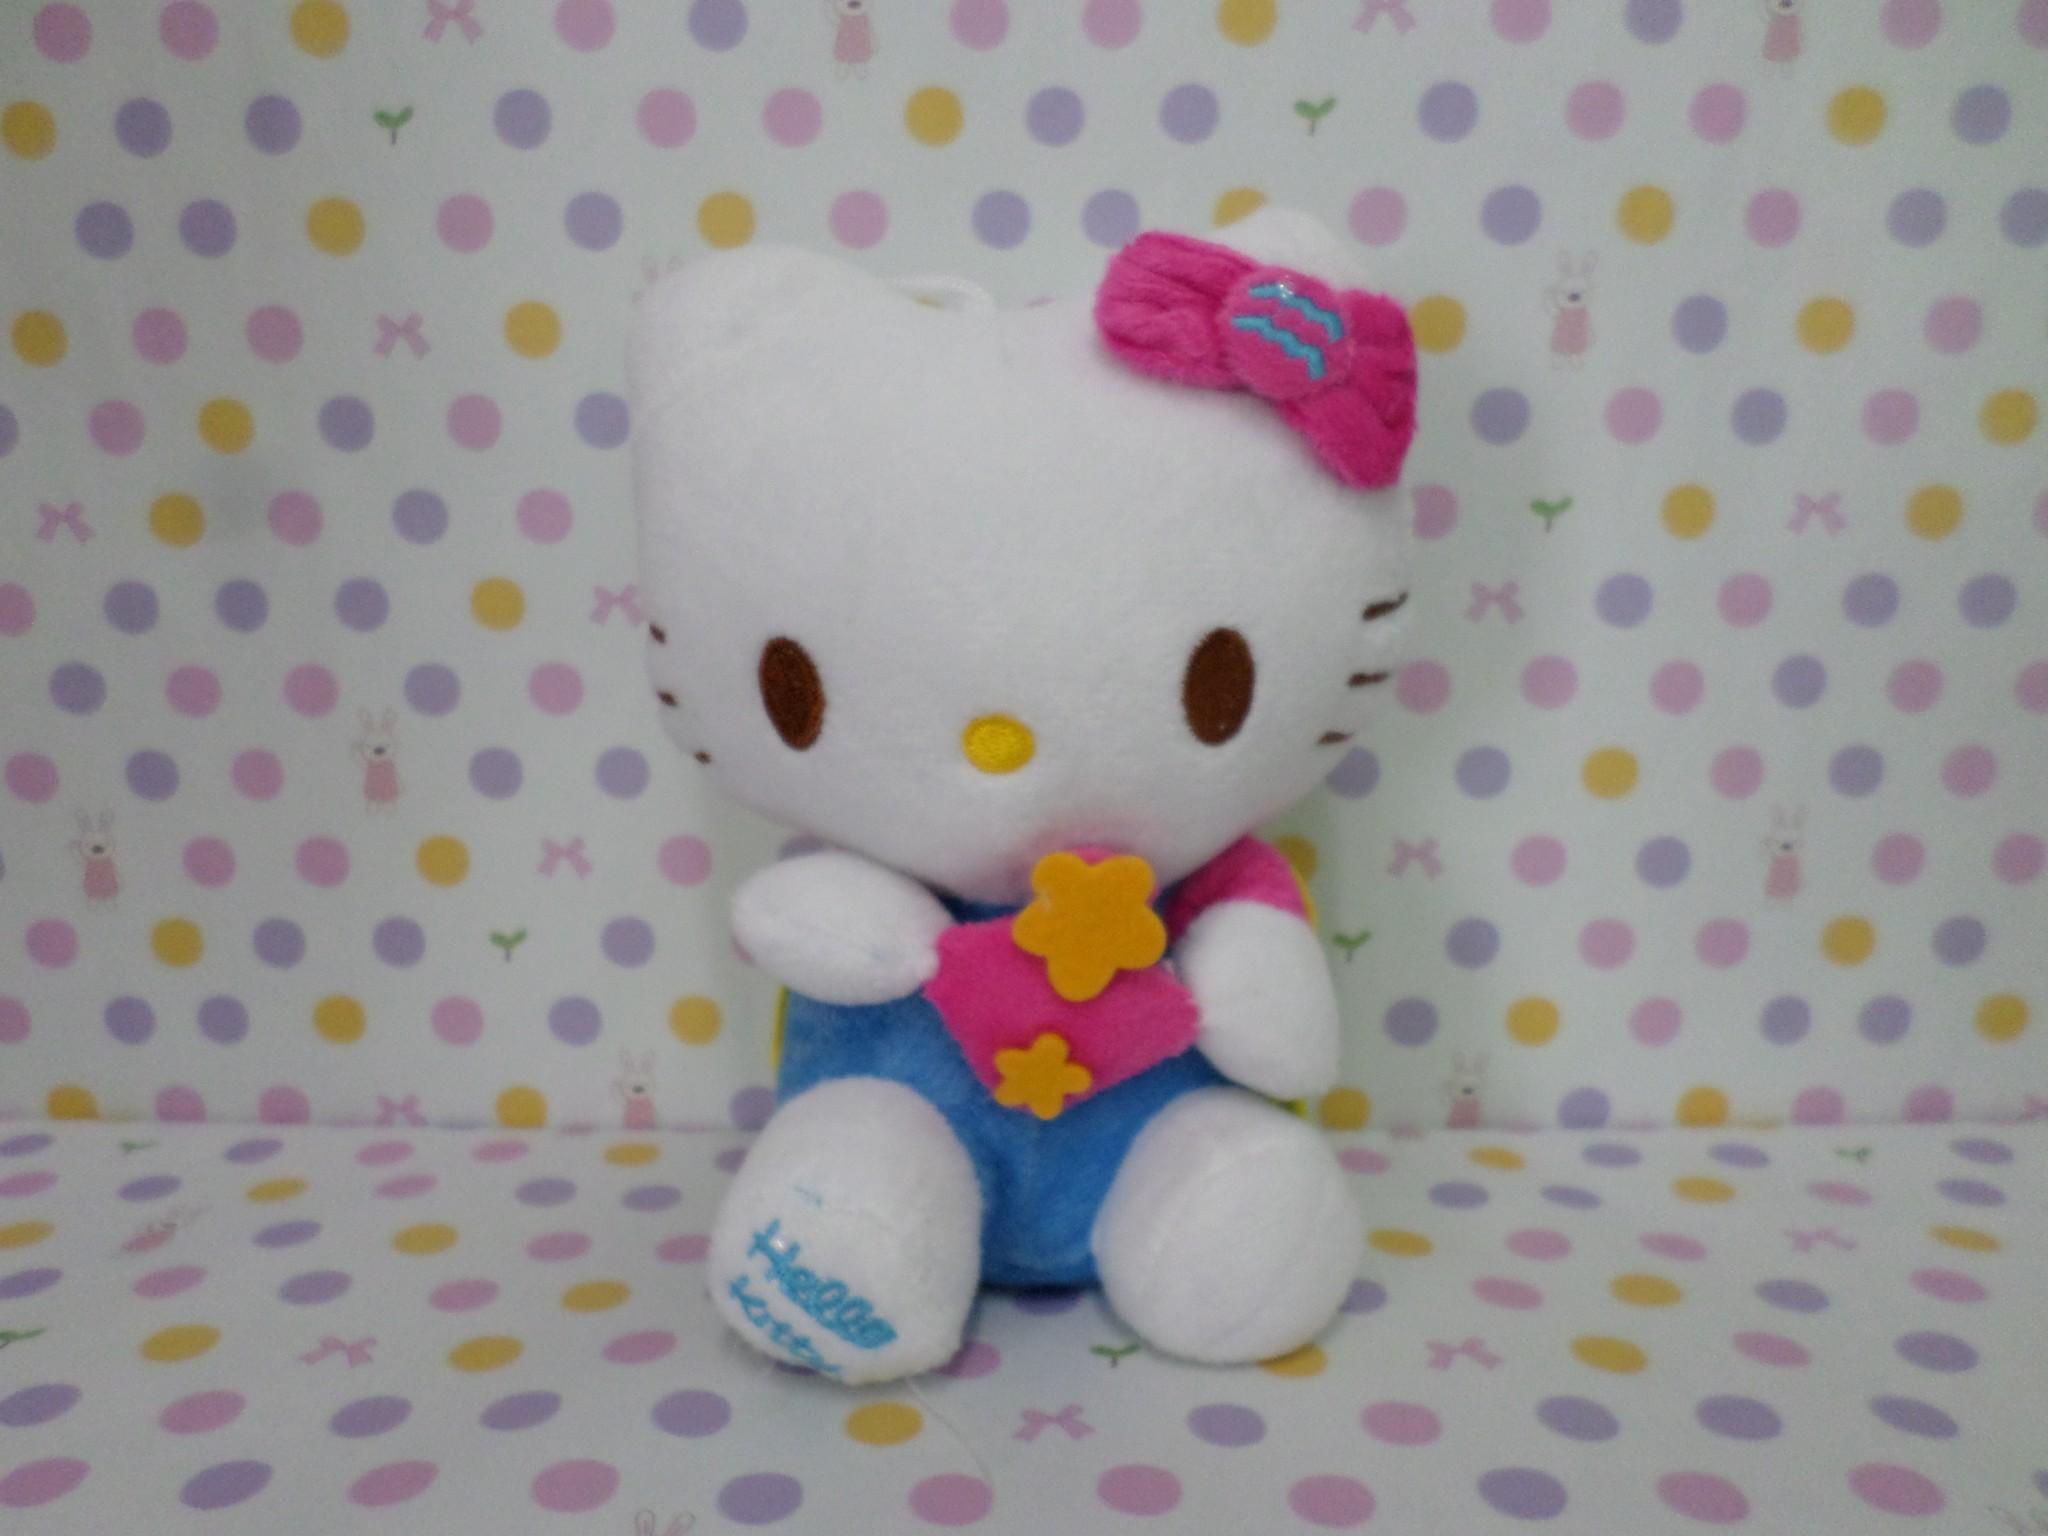 ตุ๊กตาฮัลโหลคิตตี้ Hello kitty#2 ขนาดสูง 7 นิ้ว มีจุ๊บติดกระจก